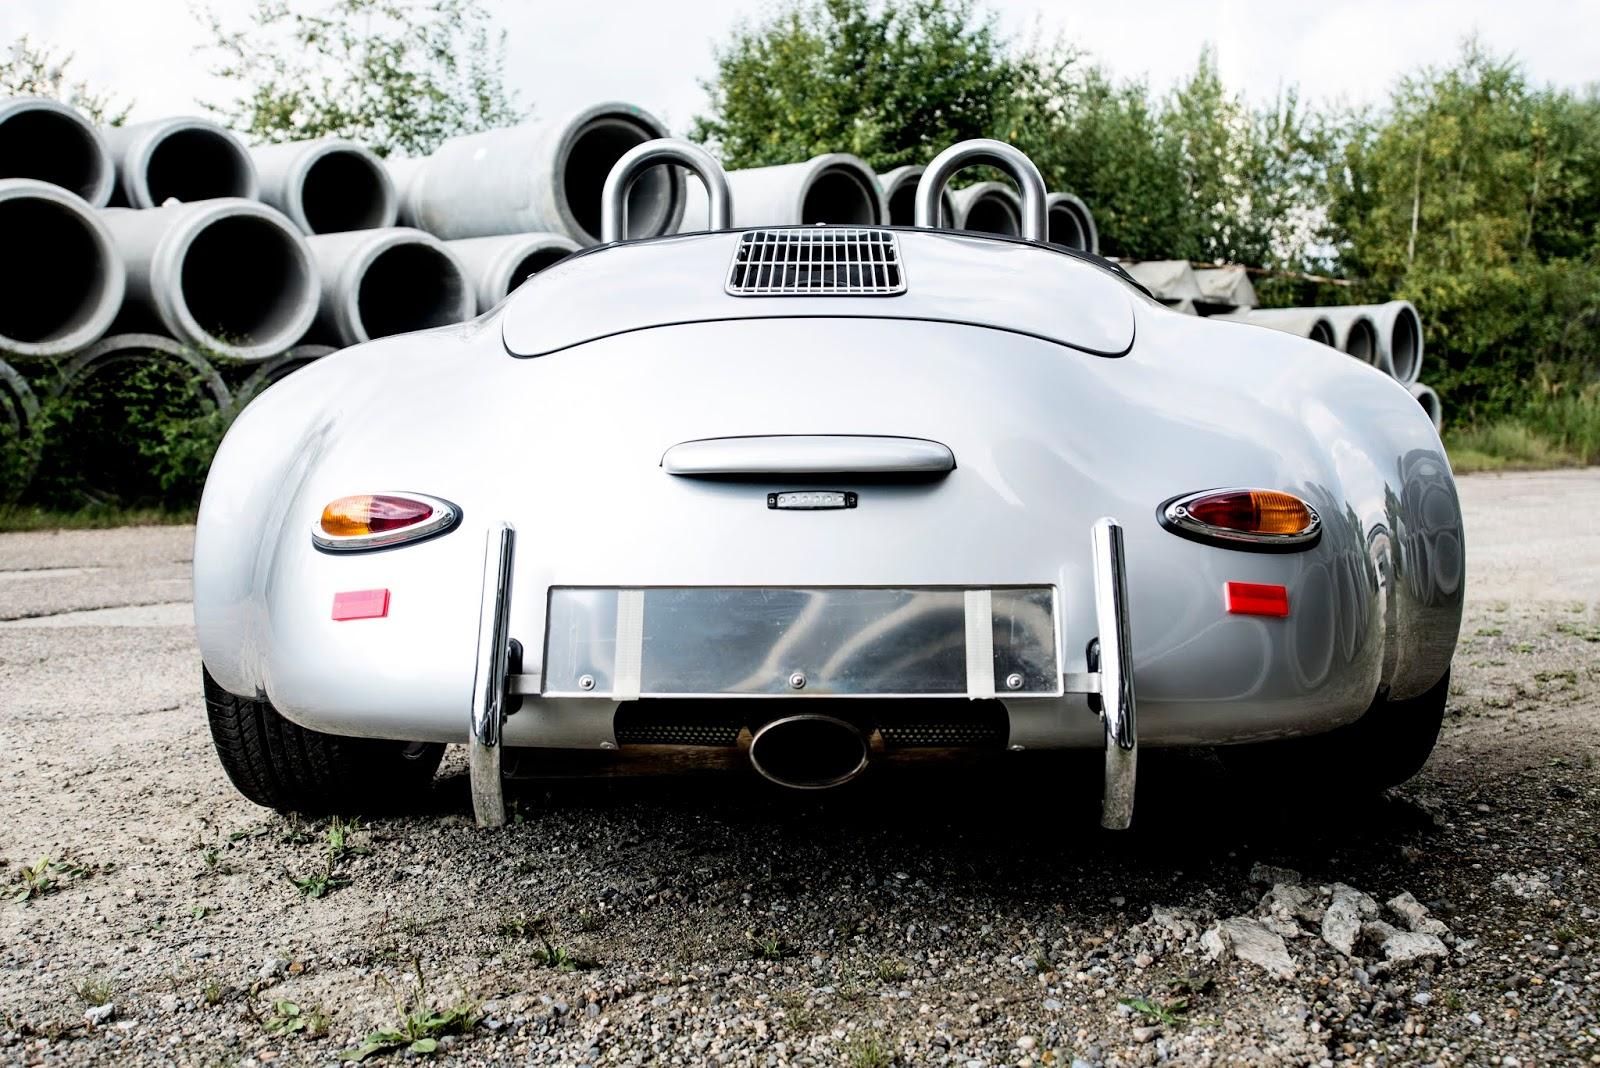 333 Ελληνικά αυτοκίνητα στο Σαλόνι της Γενεύης! Έκθεση, Έκθεση Γενεύης, ελληνικό αυτοκίνητο, Σαλόνι Αυτοκινήτου, Σαλόνι Αυτοκινήτου της Γενεύης